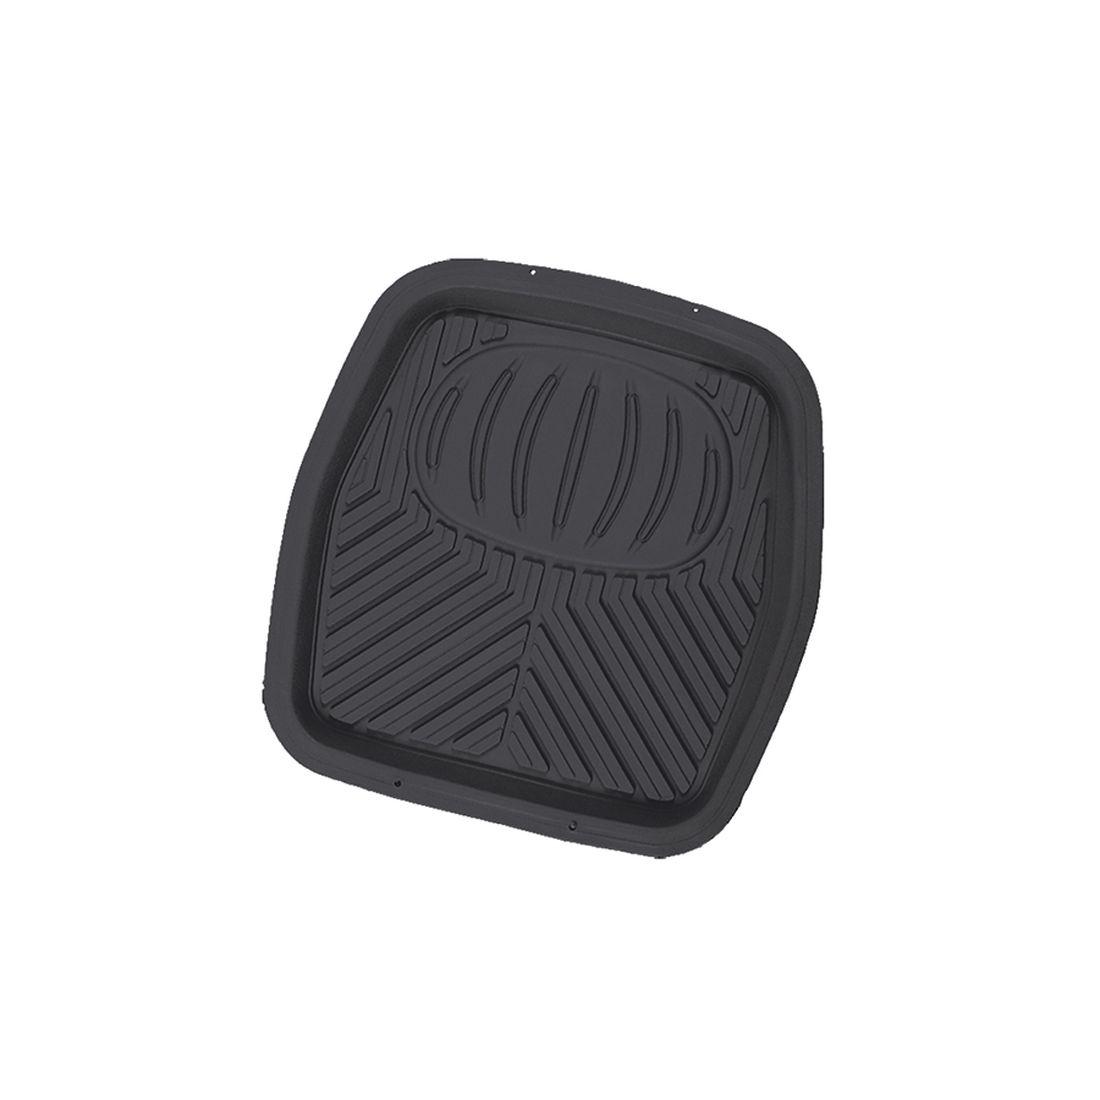 Коврик в салон автомобиля Autoprofi, для заднего ряда, универсальный, ванночка, цвет: черный автохимия autoprofi мультипена универсальный очиститель autoprofi 150301